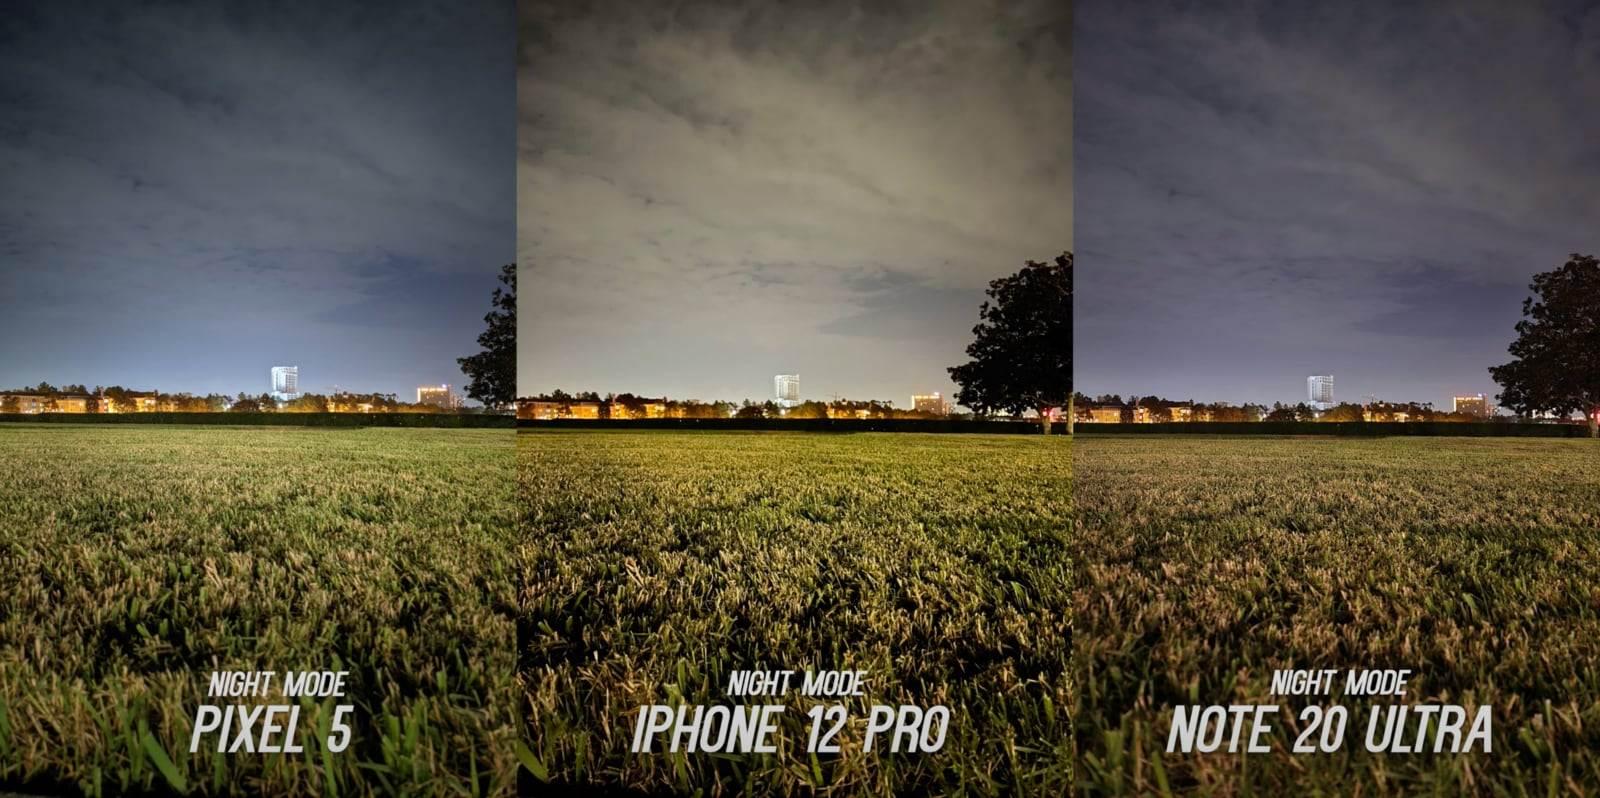 iPhone 12 Pro vs. Pixel 5 vs. Galaxy Note20 Ultra - porównanie zdjęć w trybie nocnym polecane, ciekawostki zdjecia w trybie nocnym, zdjęcia w trybie nocnym, zdjęcia w nocy, zdjęcia nocne, tryb nocny w iPhone 12 Pro, tryb nocny, porównanie zdjęc, jakie zdjęcia robi iPhone 12 Pro, iPhone 12 Pro, iPhone 12 i zdjęcia nocne, Apple  Porównań i testów iPhone 12 Pro ciąg dalszy. Dziś chcemy Wam przedstawić test aparatu najnowszego smartfona Apple, a dokładniej trybu nocnego. iphone12propixel5note20ultra3